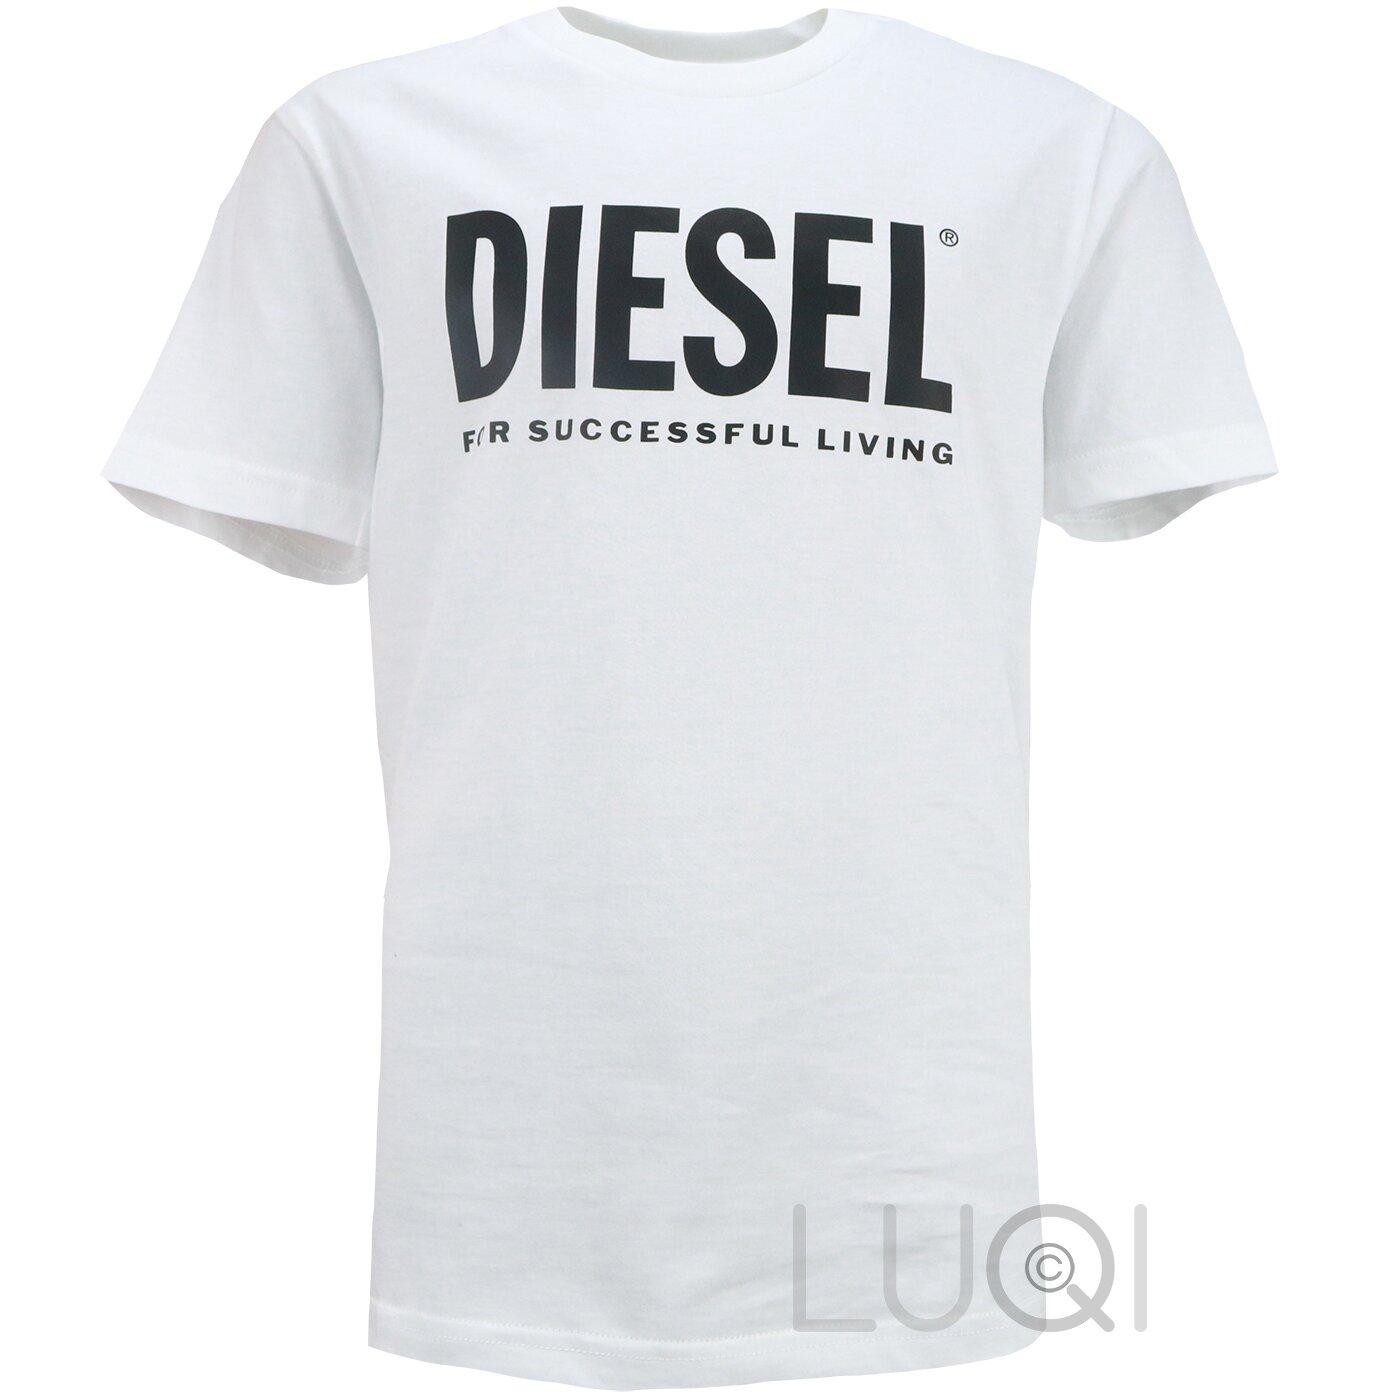 Diesel Shirt Tjustlogo Wit